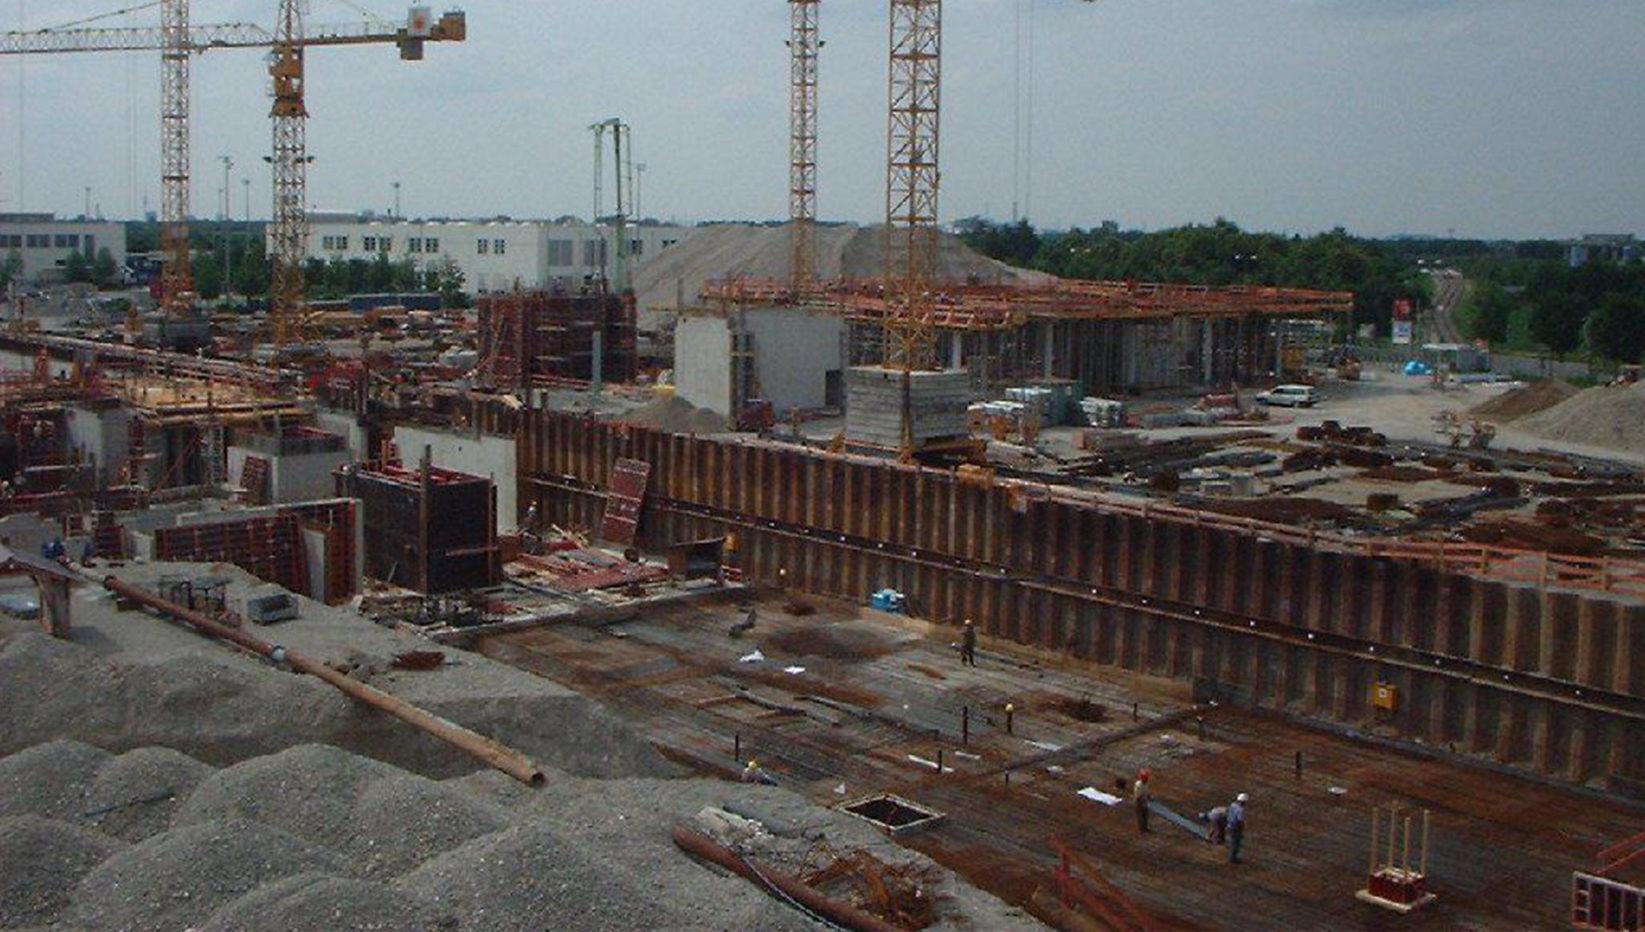 Bild aufgenommen auf dem Dach des Verbindungsbauwerks der Messehallen Riem und Blick auf die Baukräne der Brunner + Co Beugesellschaft mbH.